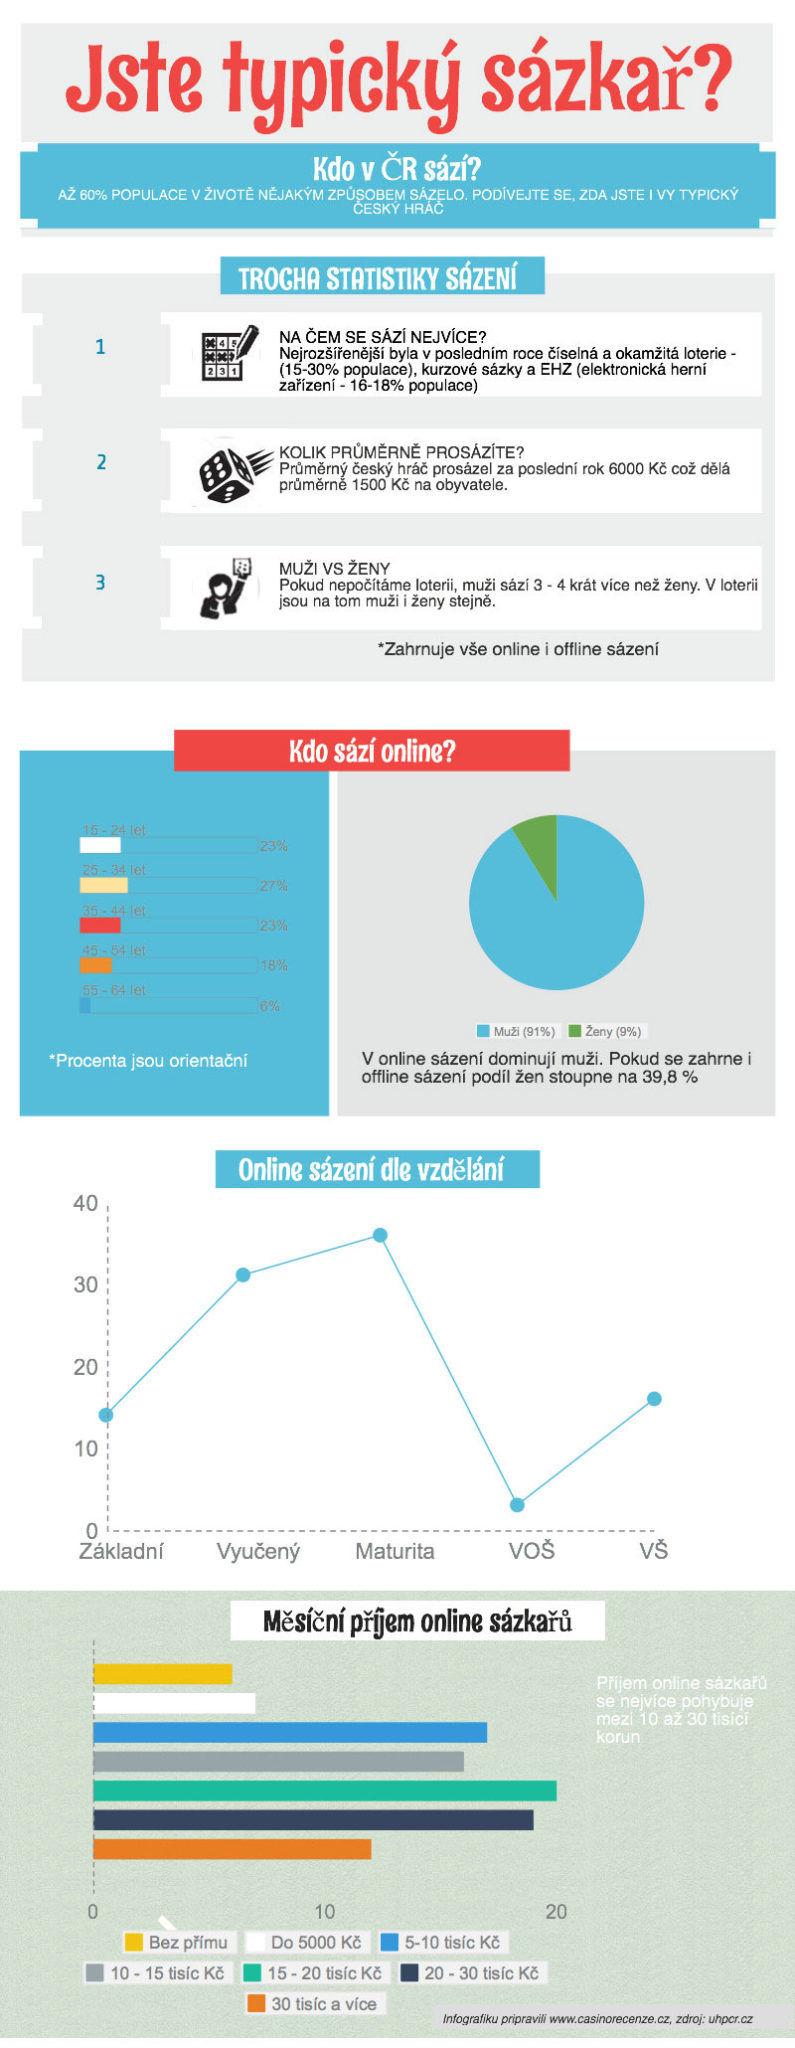 Jste typický sázkař infografika